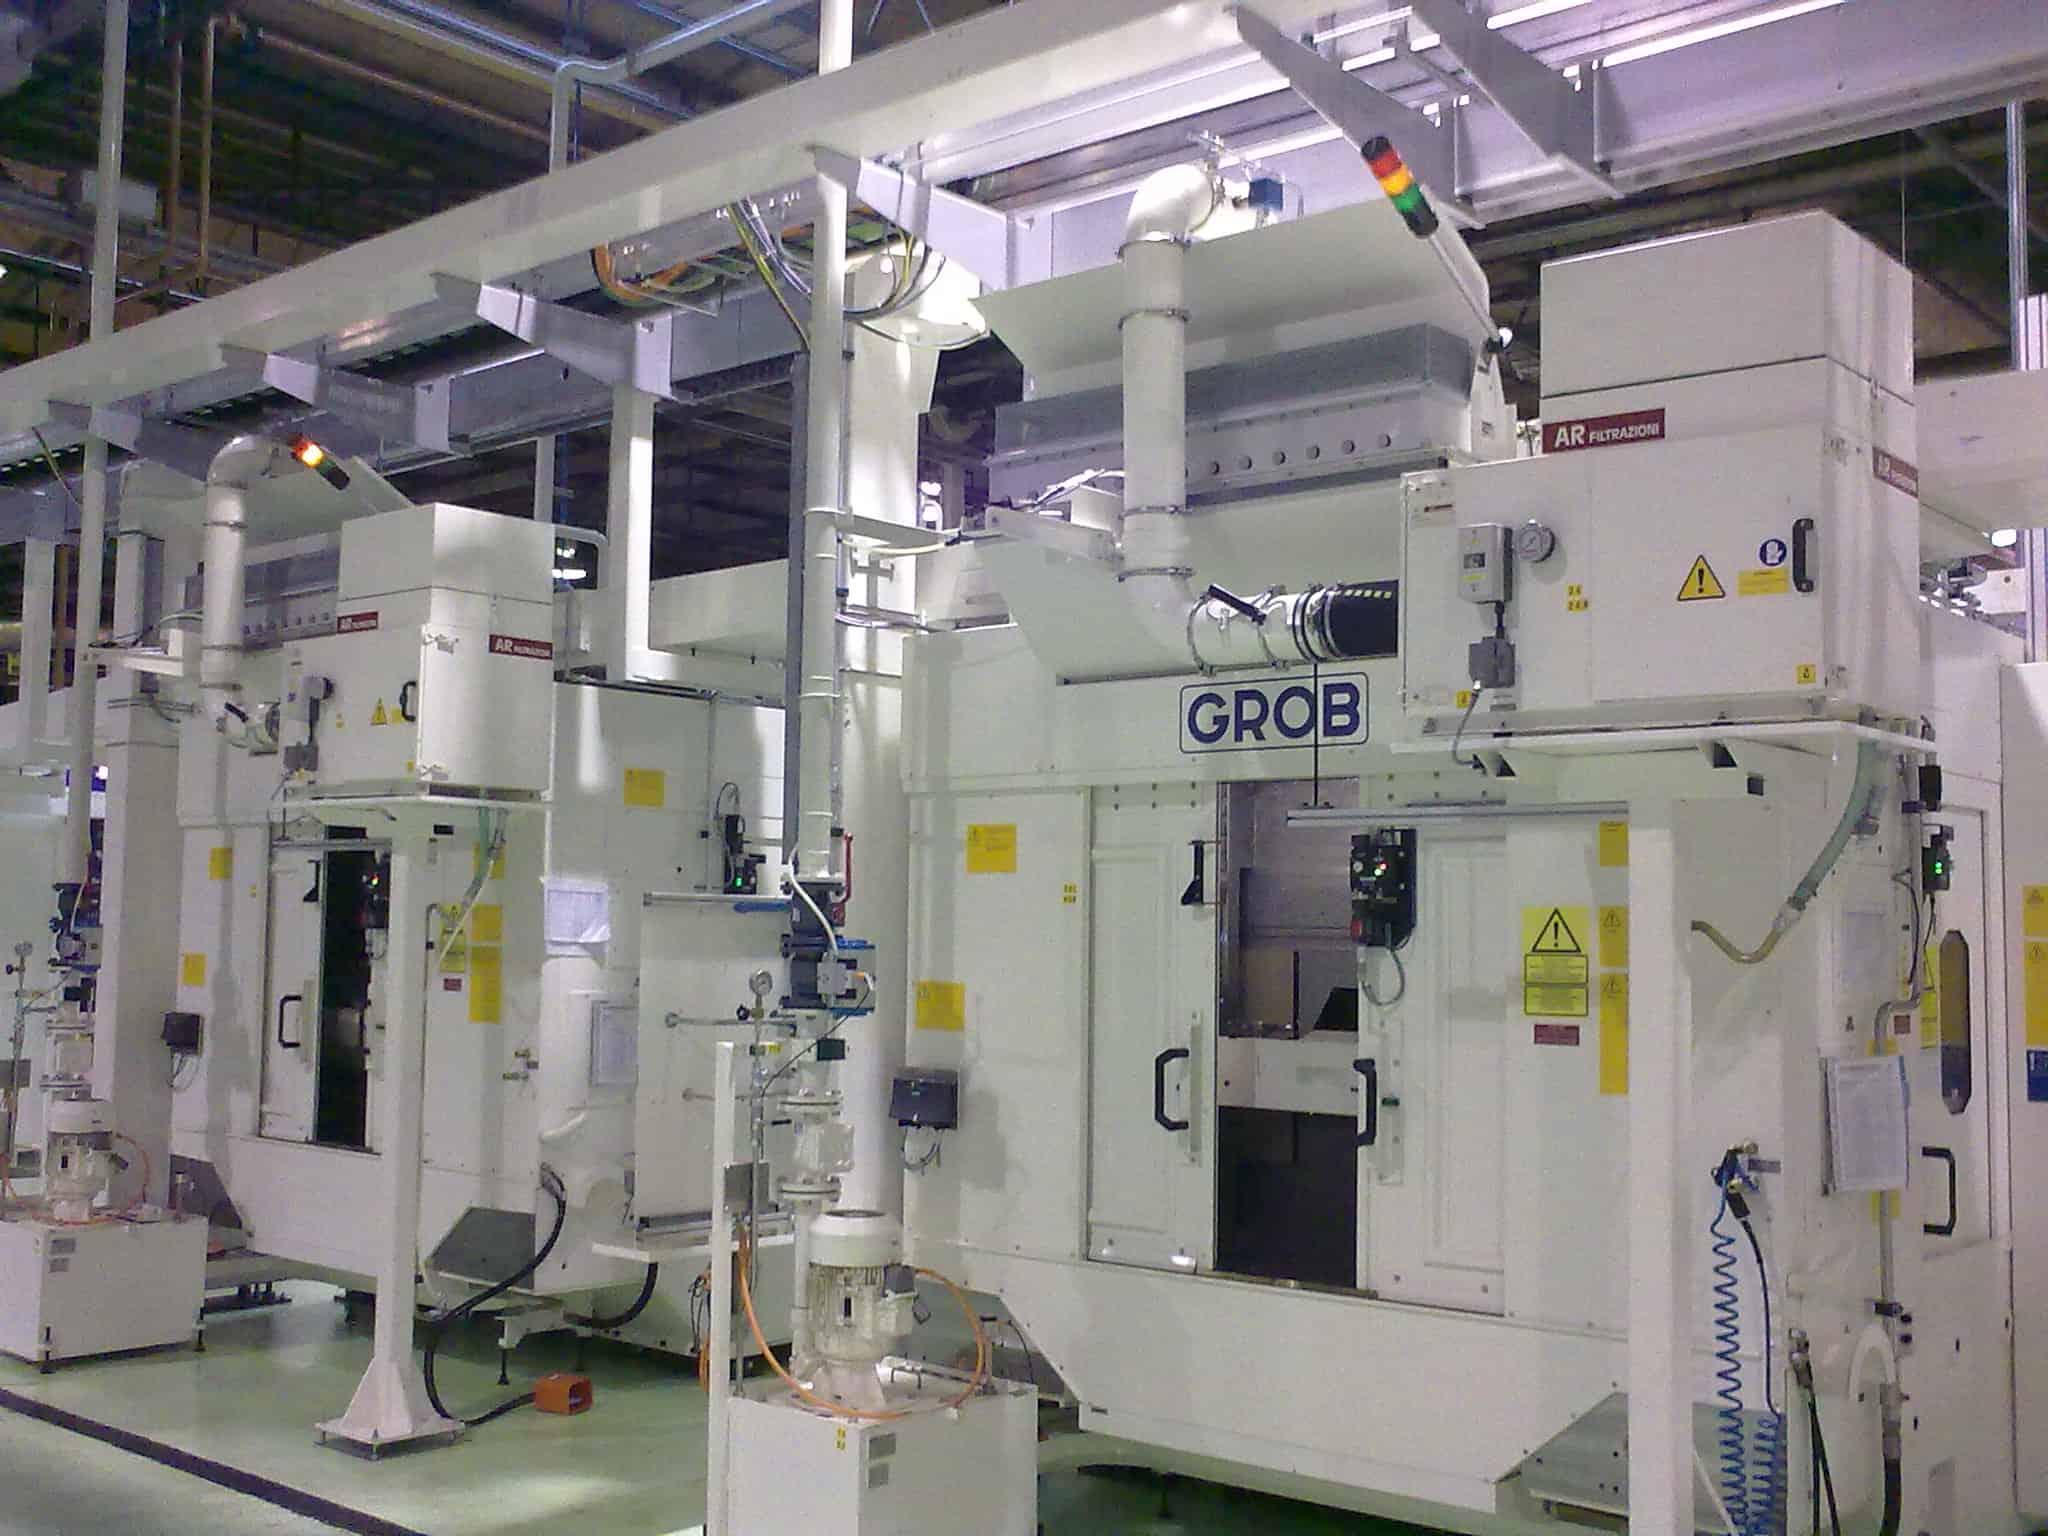 AR Filtrazioni - Centri di lavoro CNC GROB | Filtrazione industriale nebbie oleose e fumi